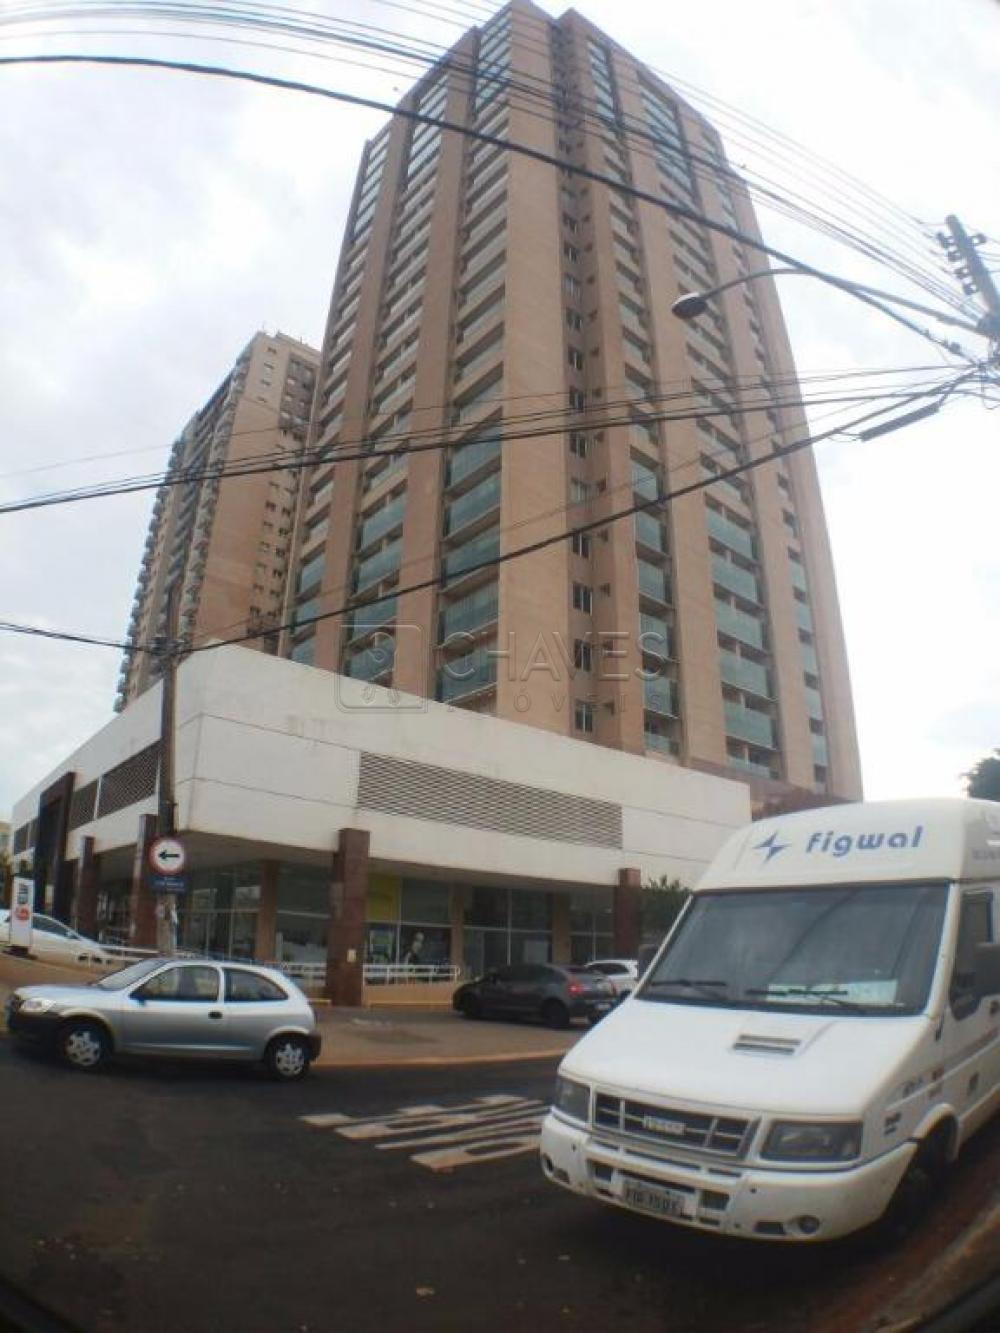 Alugar Comercial / Sala em Condomínio em Ribeirão Preto R$ 1.500,00 - Foto 13